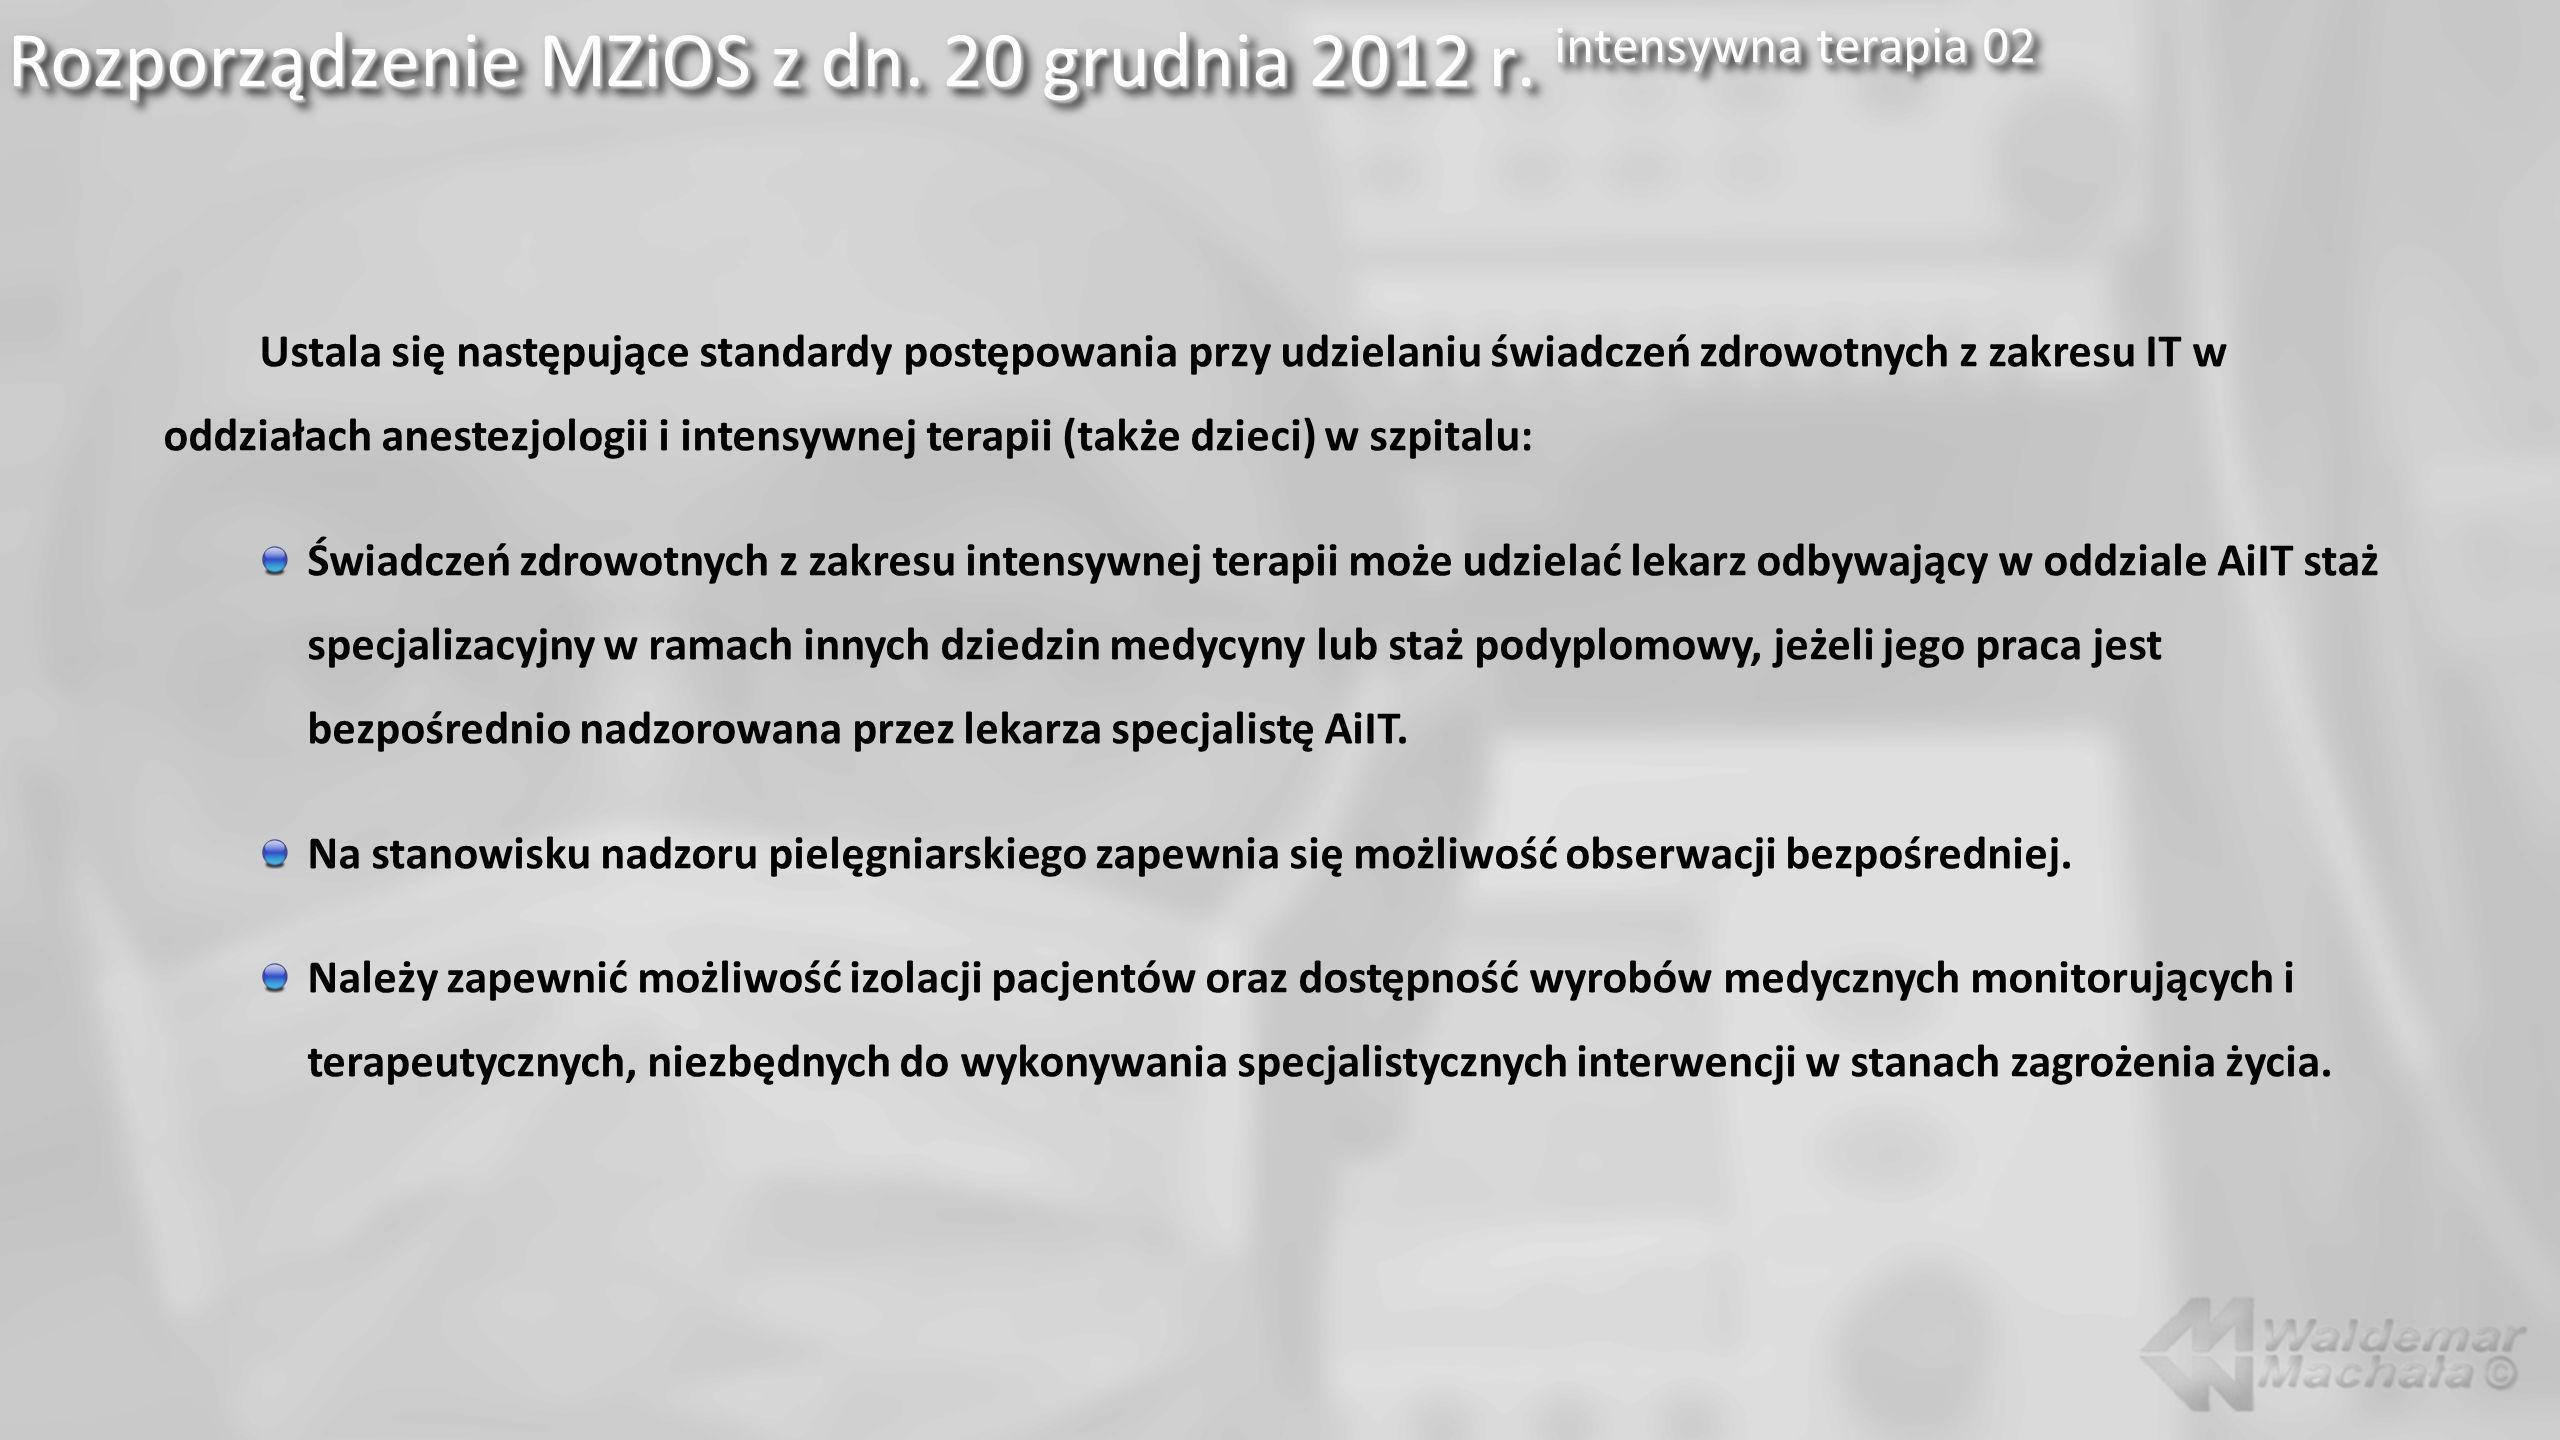 Rozporządzenie MZiOS z dn. 20 grudnia 2012 r. intensywna terapia 02 Ustala się następujące standardy postępowania przy udzielaniu świadczeń zdrowotnyc